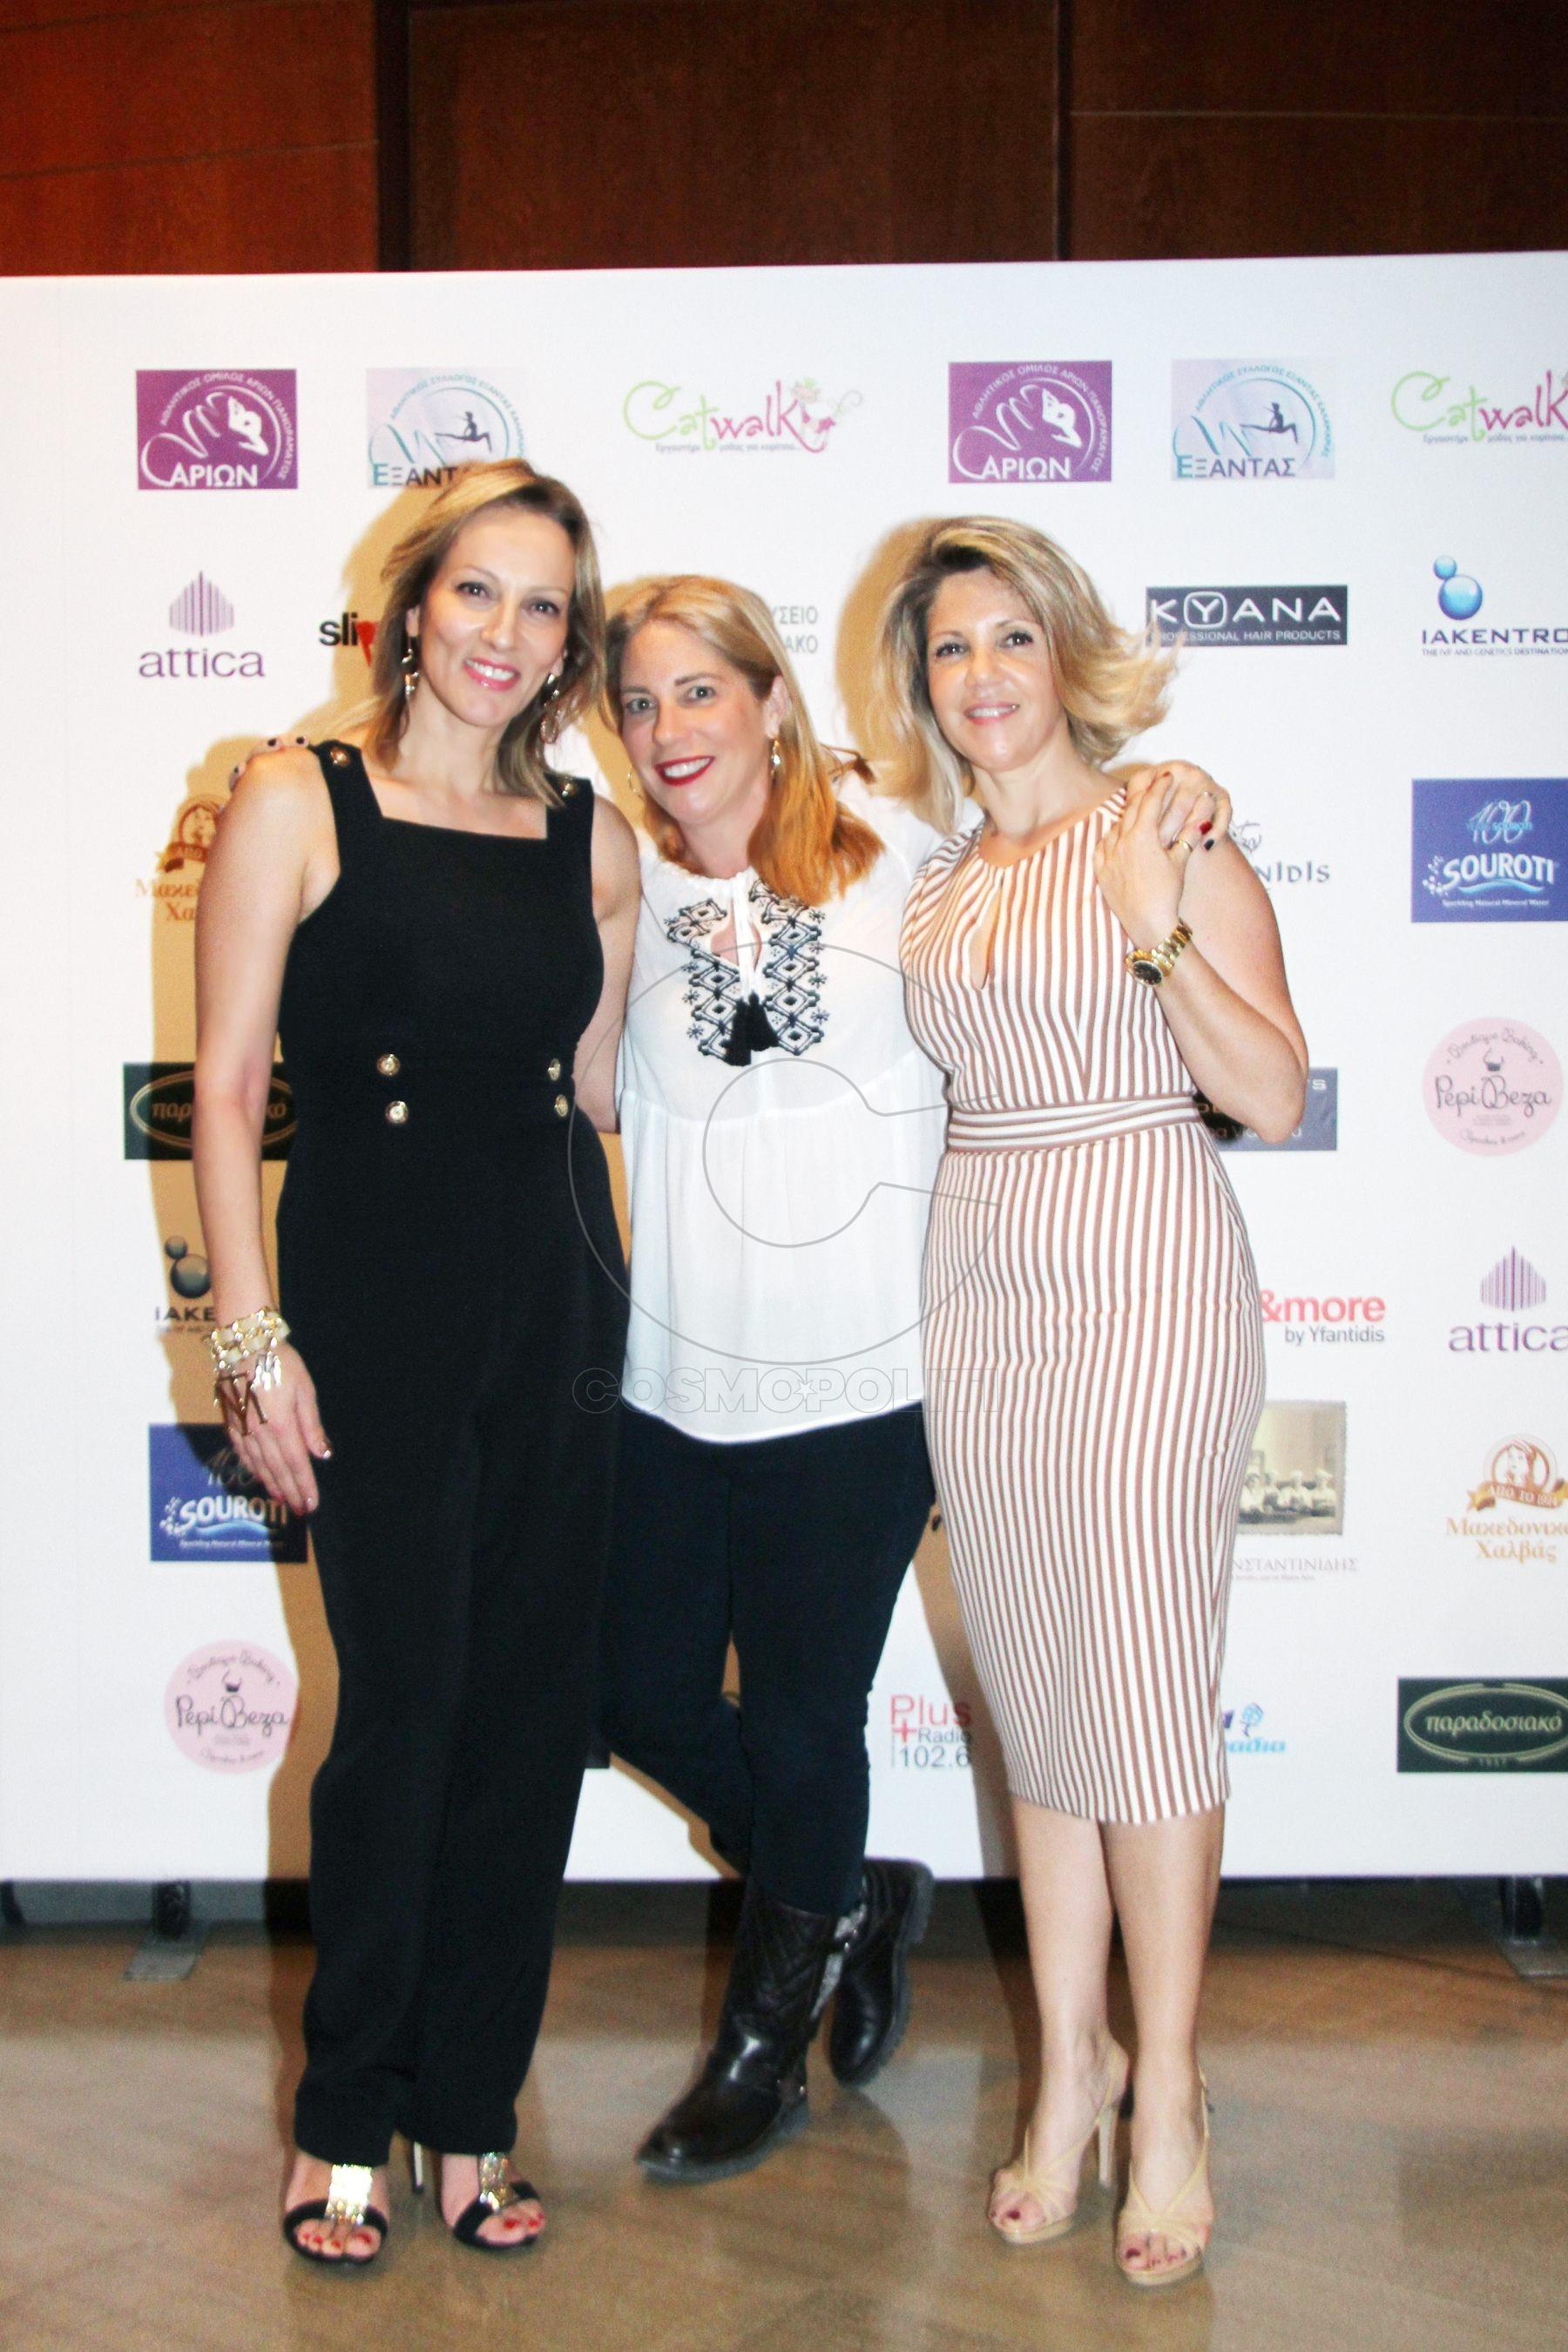 1 Η Έλενα Καιτεζίδου του ΑΡΙΩΝ Πανοράματος & ΕΞΑΝΤΑ Καλαμαριάς, η Χριστίνα Τζελέπογλου & η Νατάσα Ντόρτογλου του catwalk